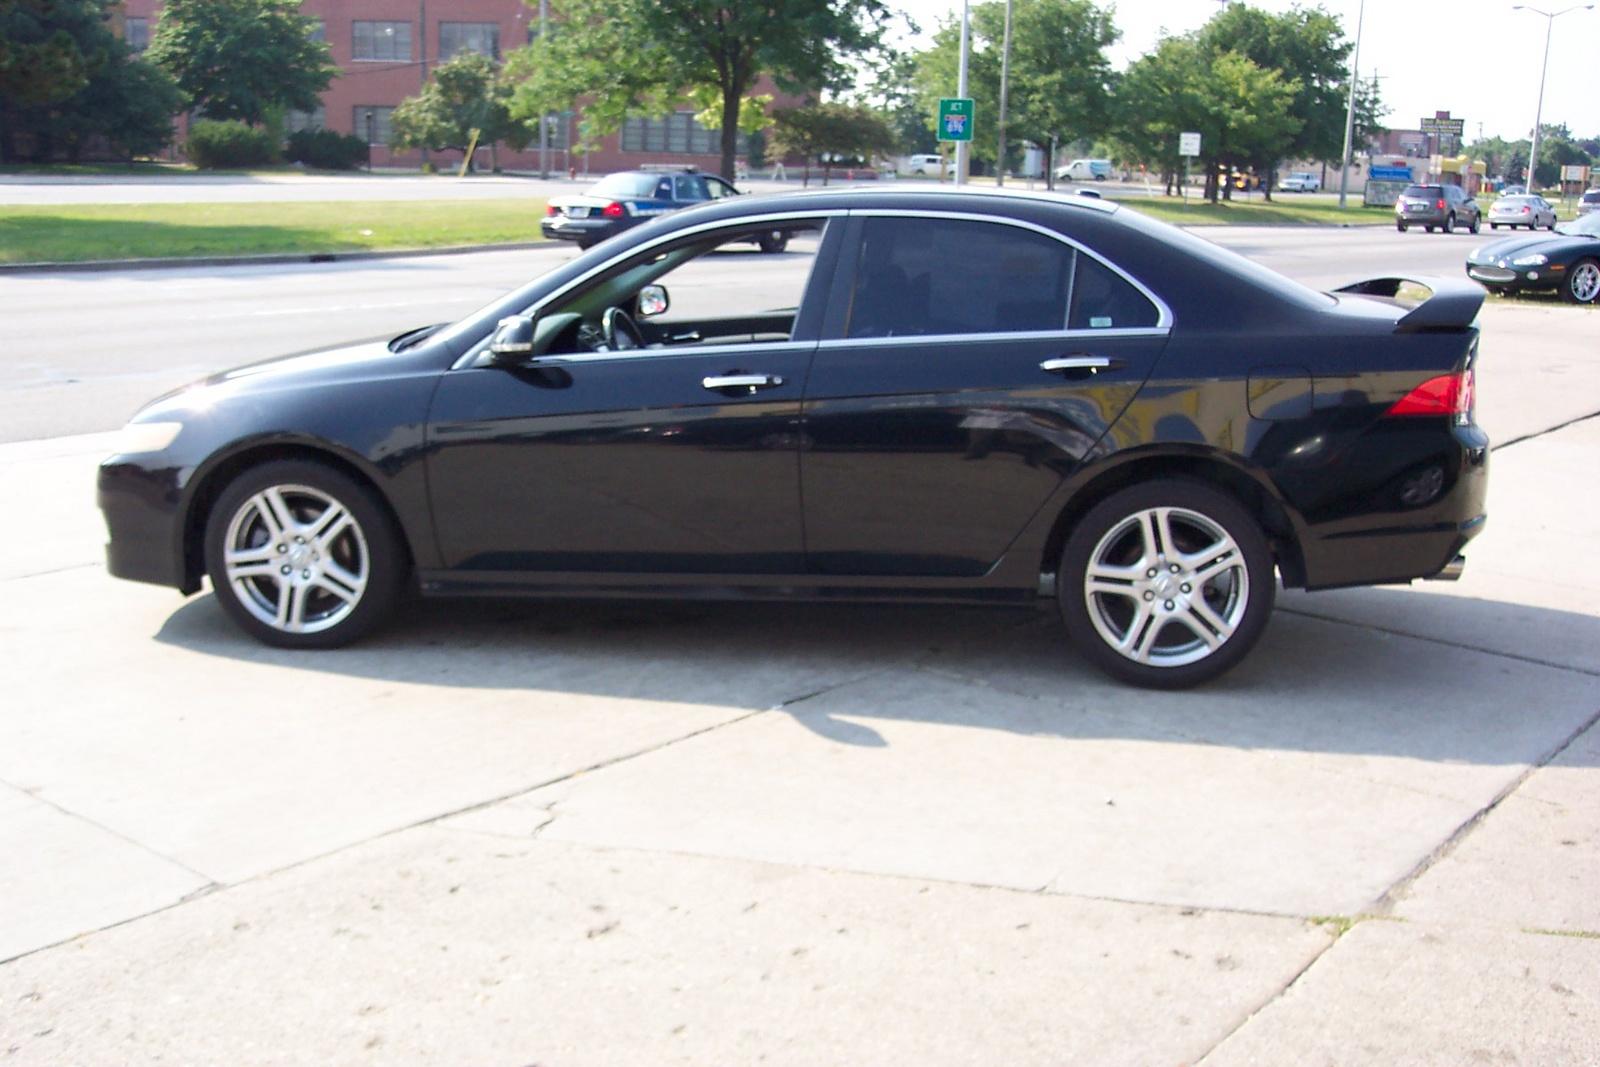 2006 acura tsx pictures cargurus picture of 1999 acura tl 3 2 sedan ...